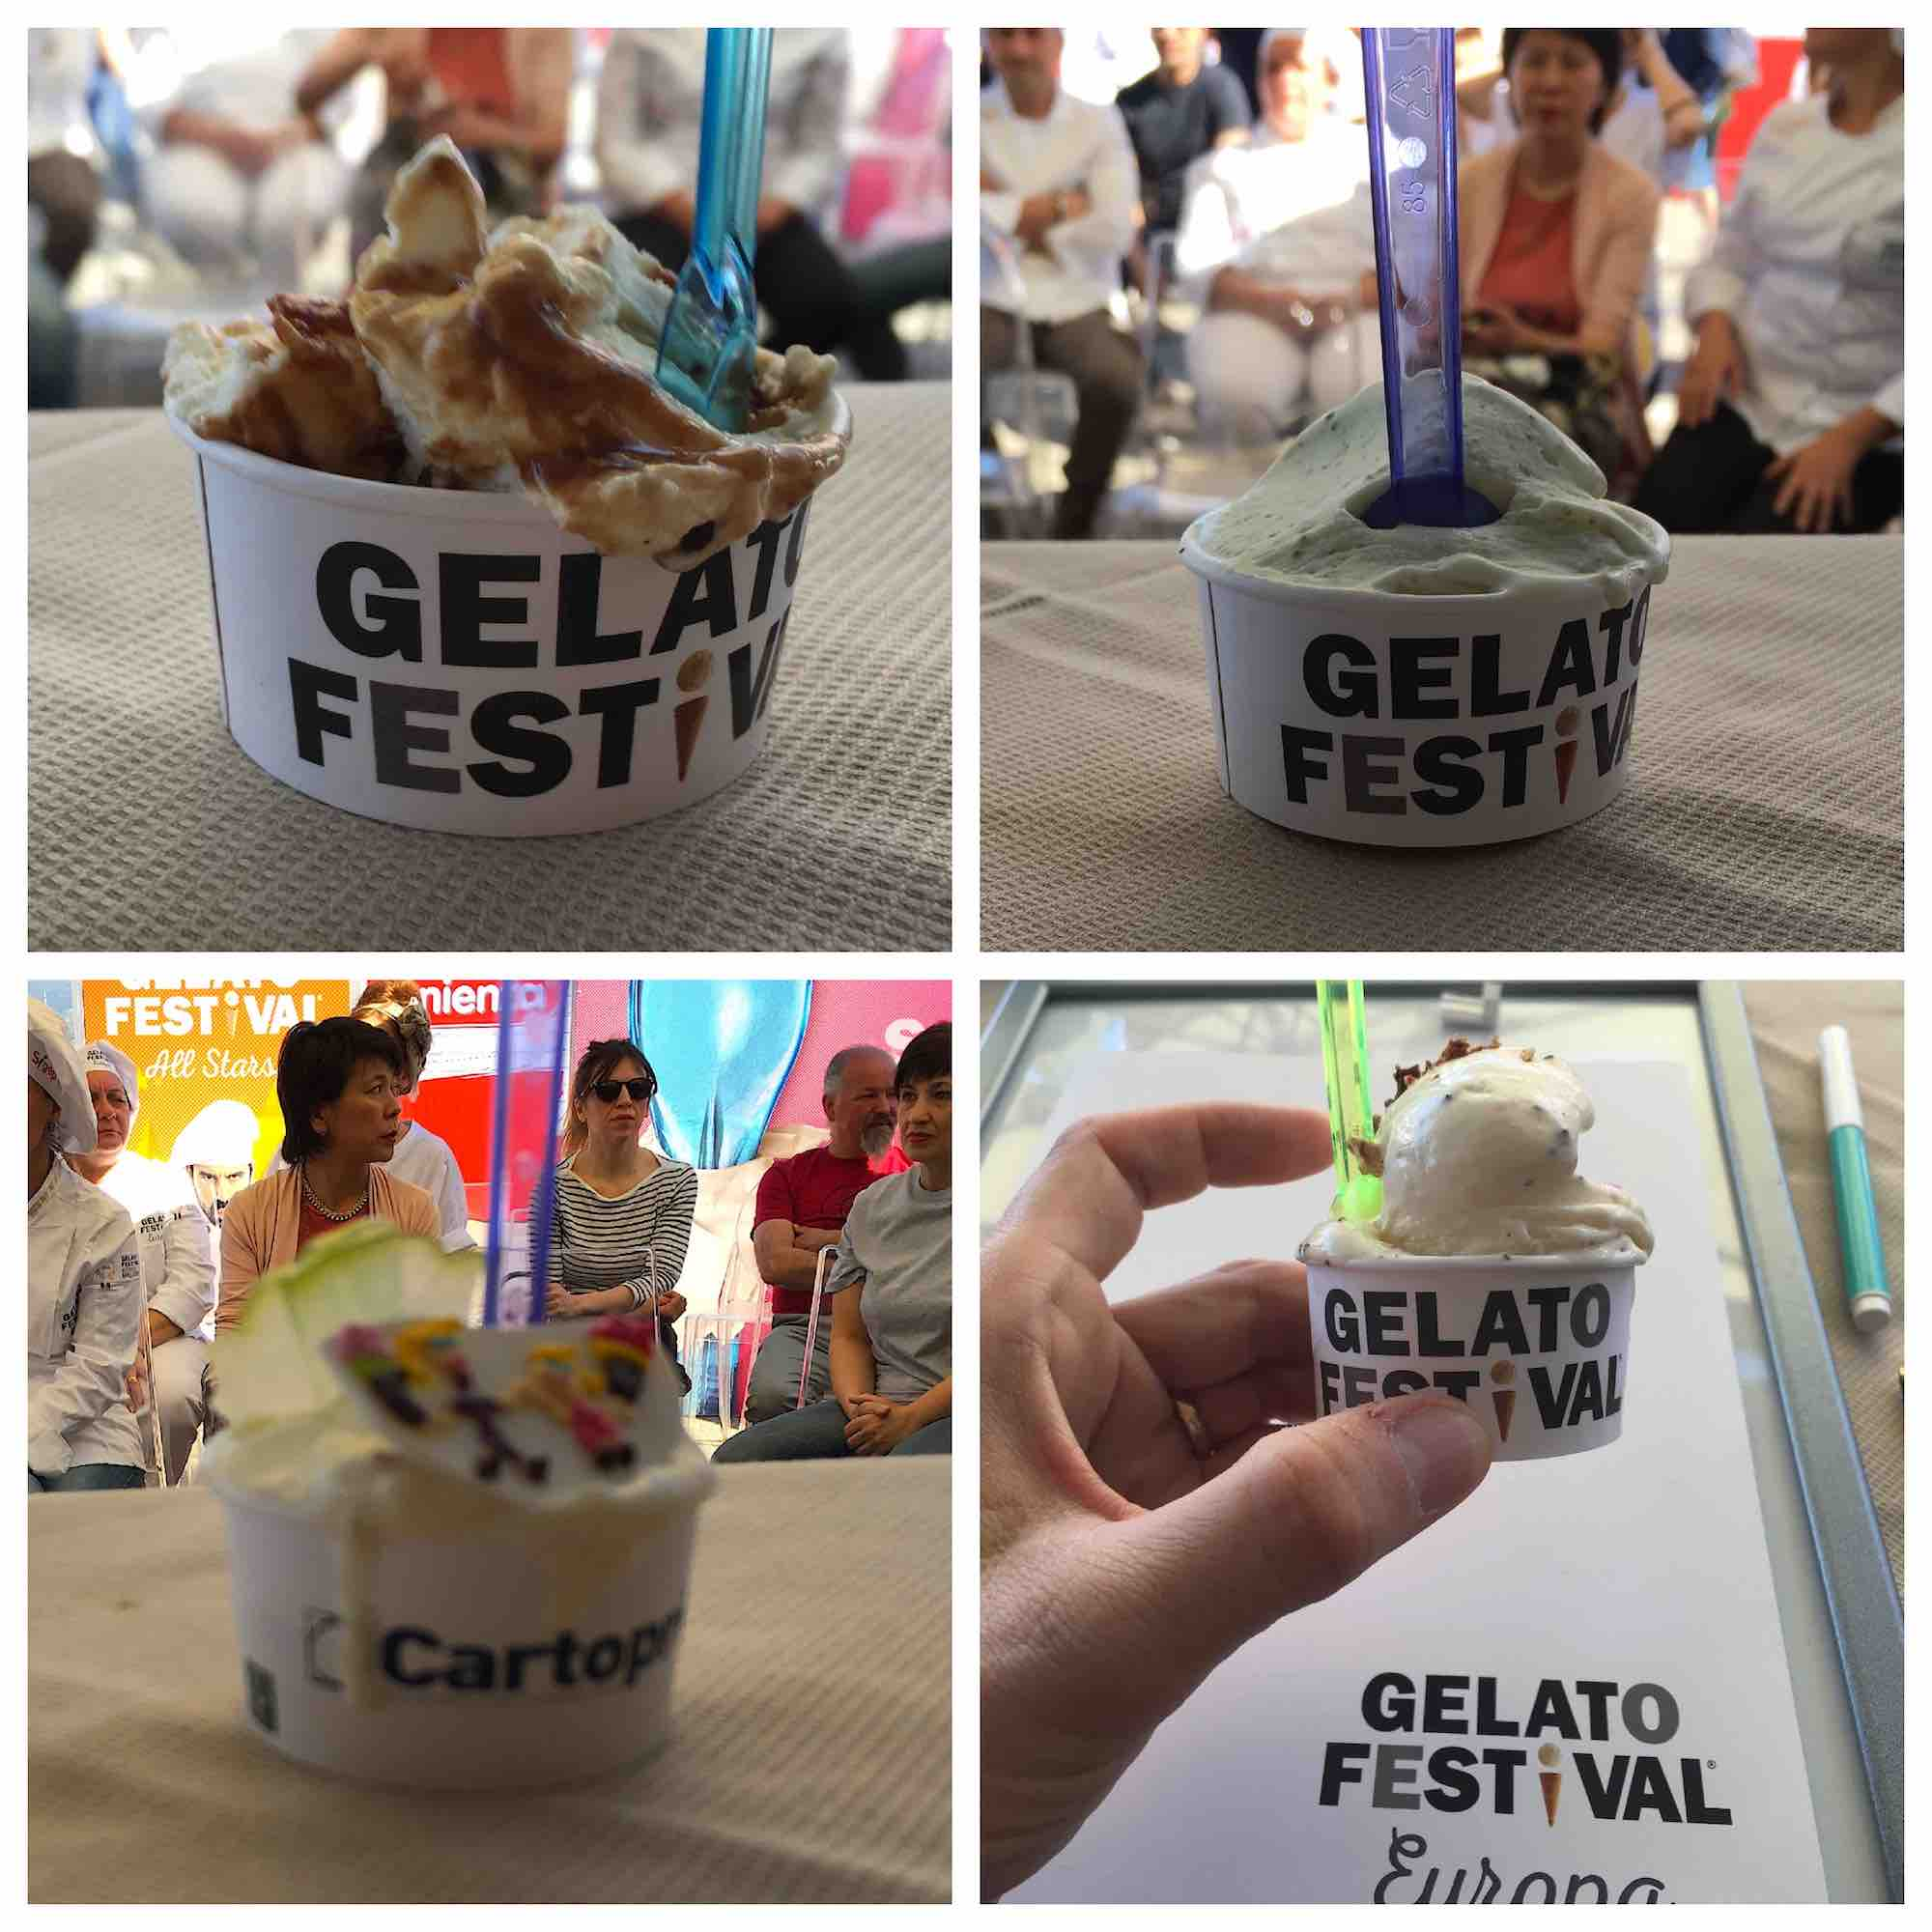 Nella giuria di esperti del Gelato Festival 2018 che decreterà il campione mondiale di gelateria, quest'anno è arrivata anche TuscanyPeople